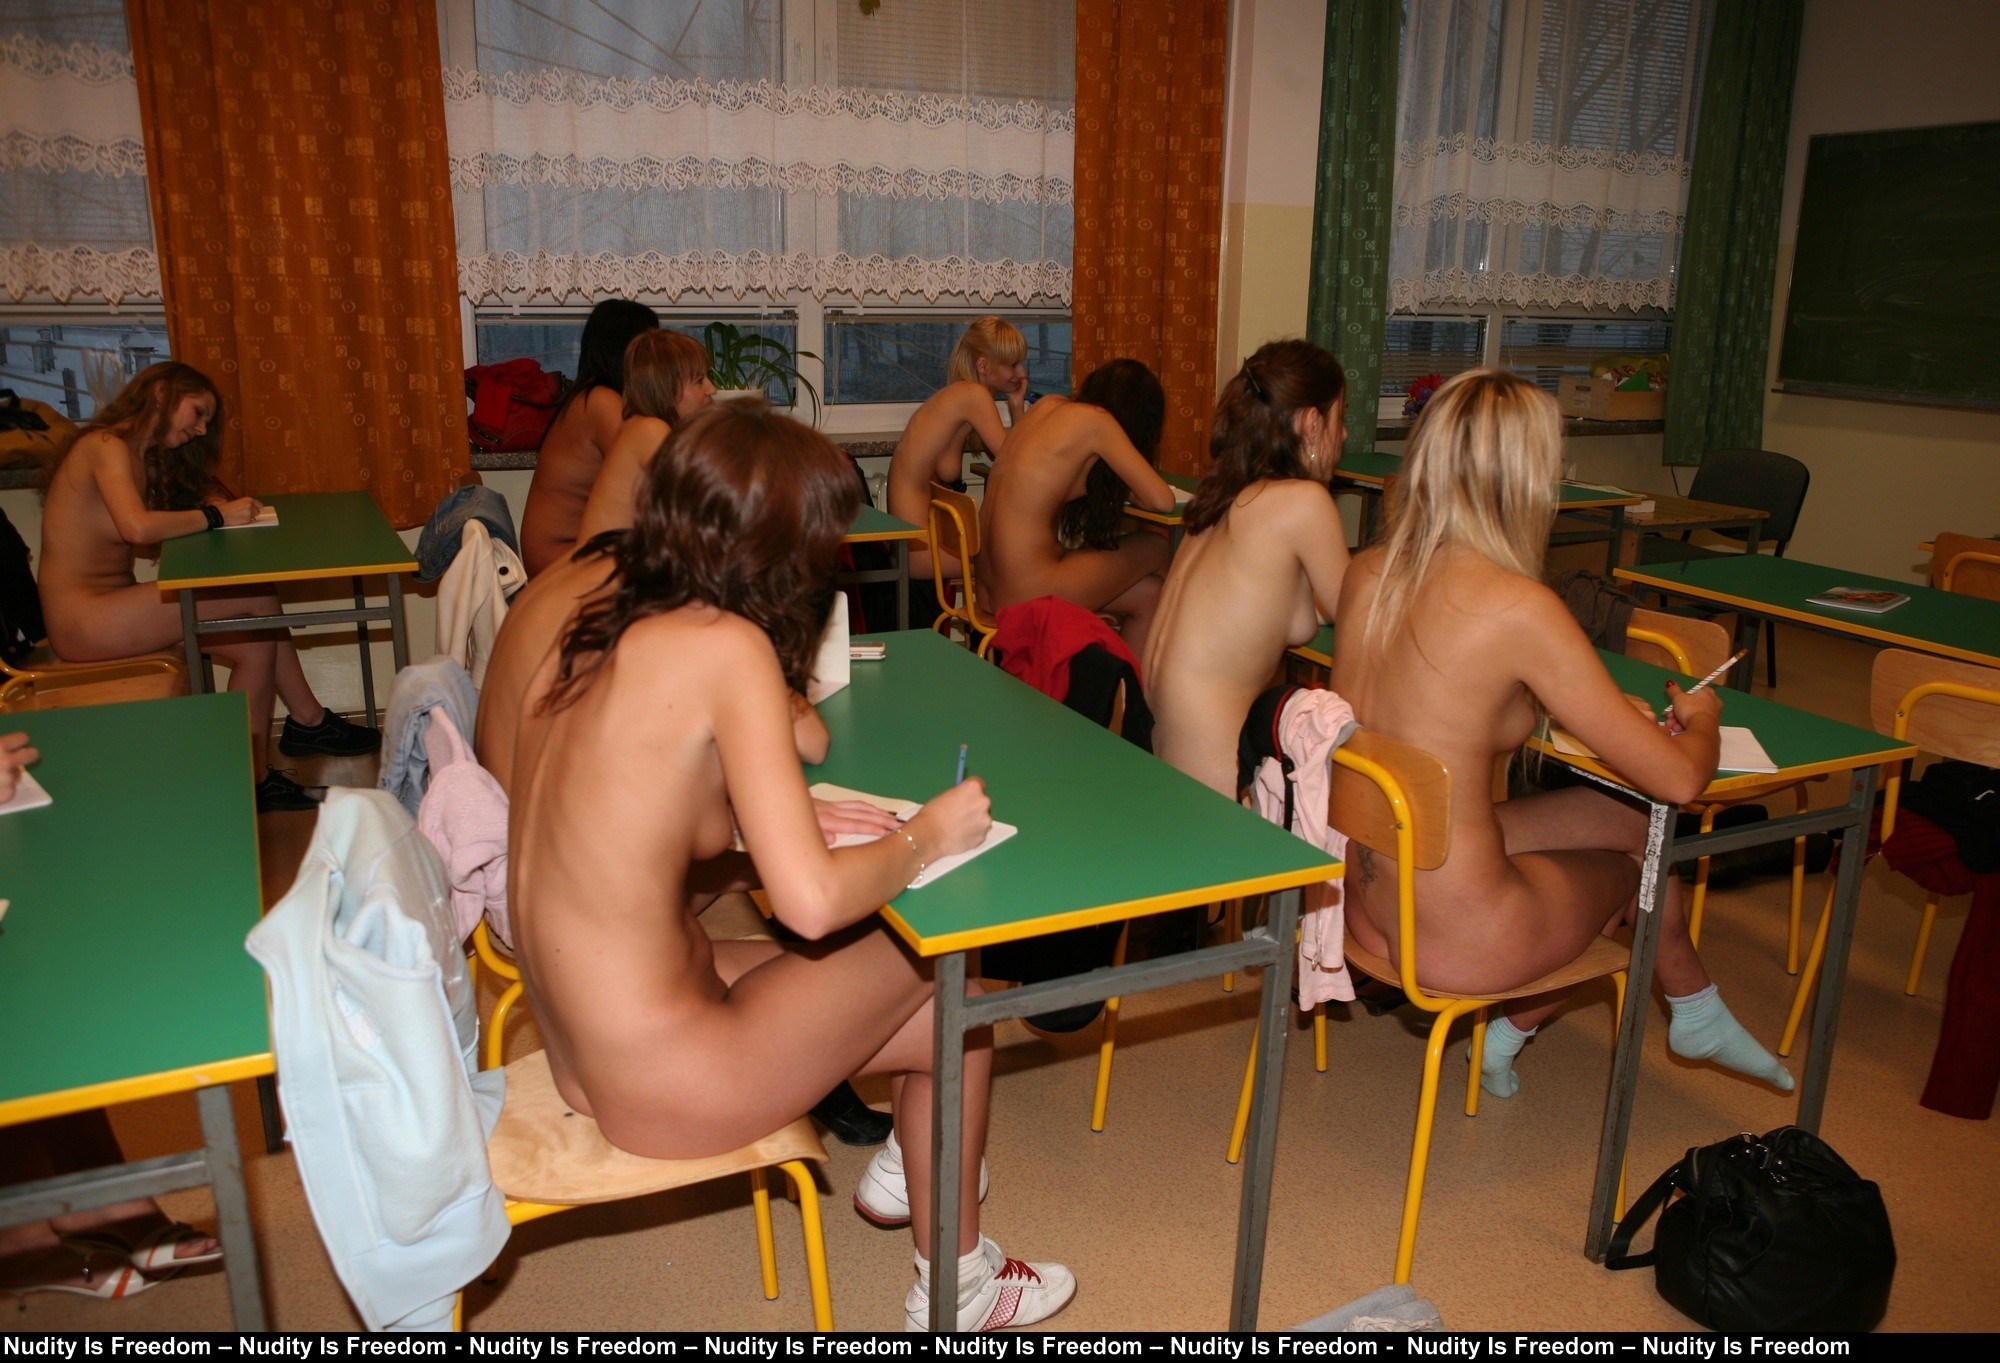 【マジキチ】強制全裸な海外の高校の様子をご覧下さいwwwwwwwwwwwwwwwwwwwwwwwwwwwwwwww(画像あり)・12枚目